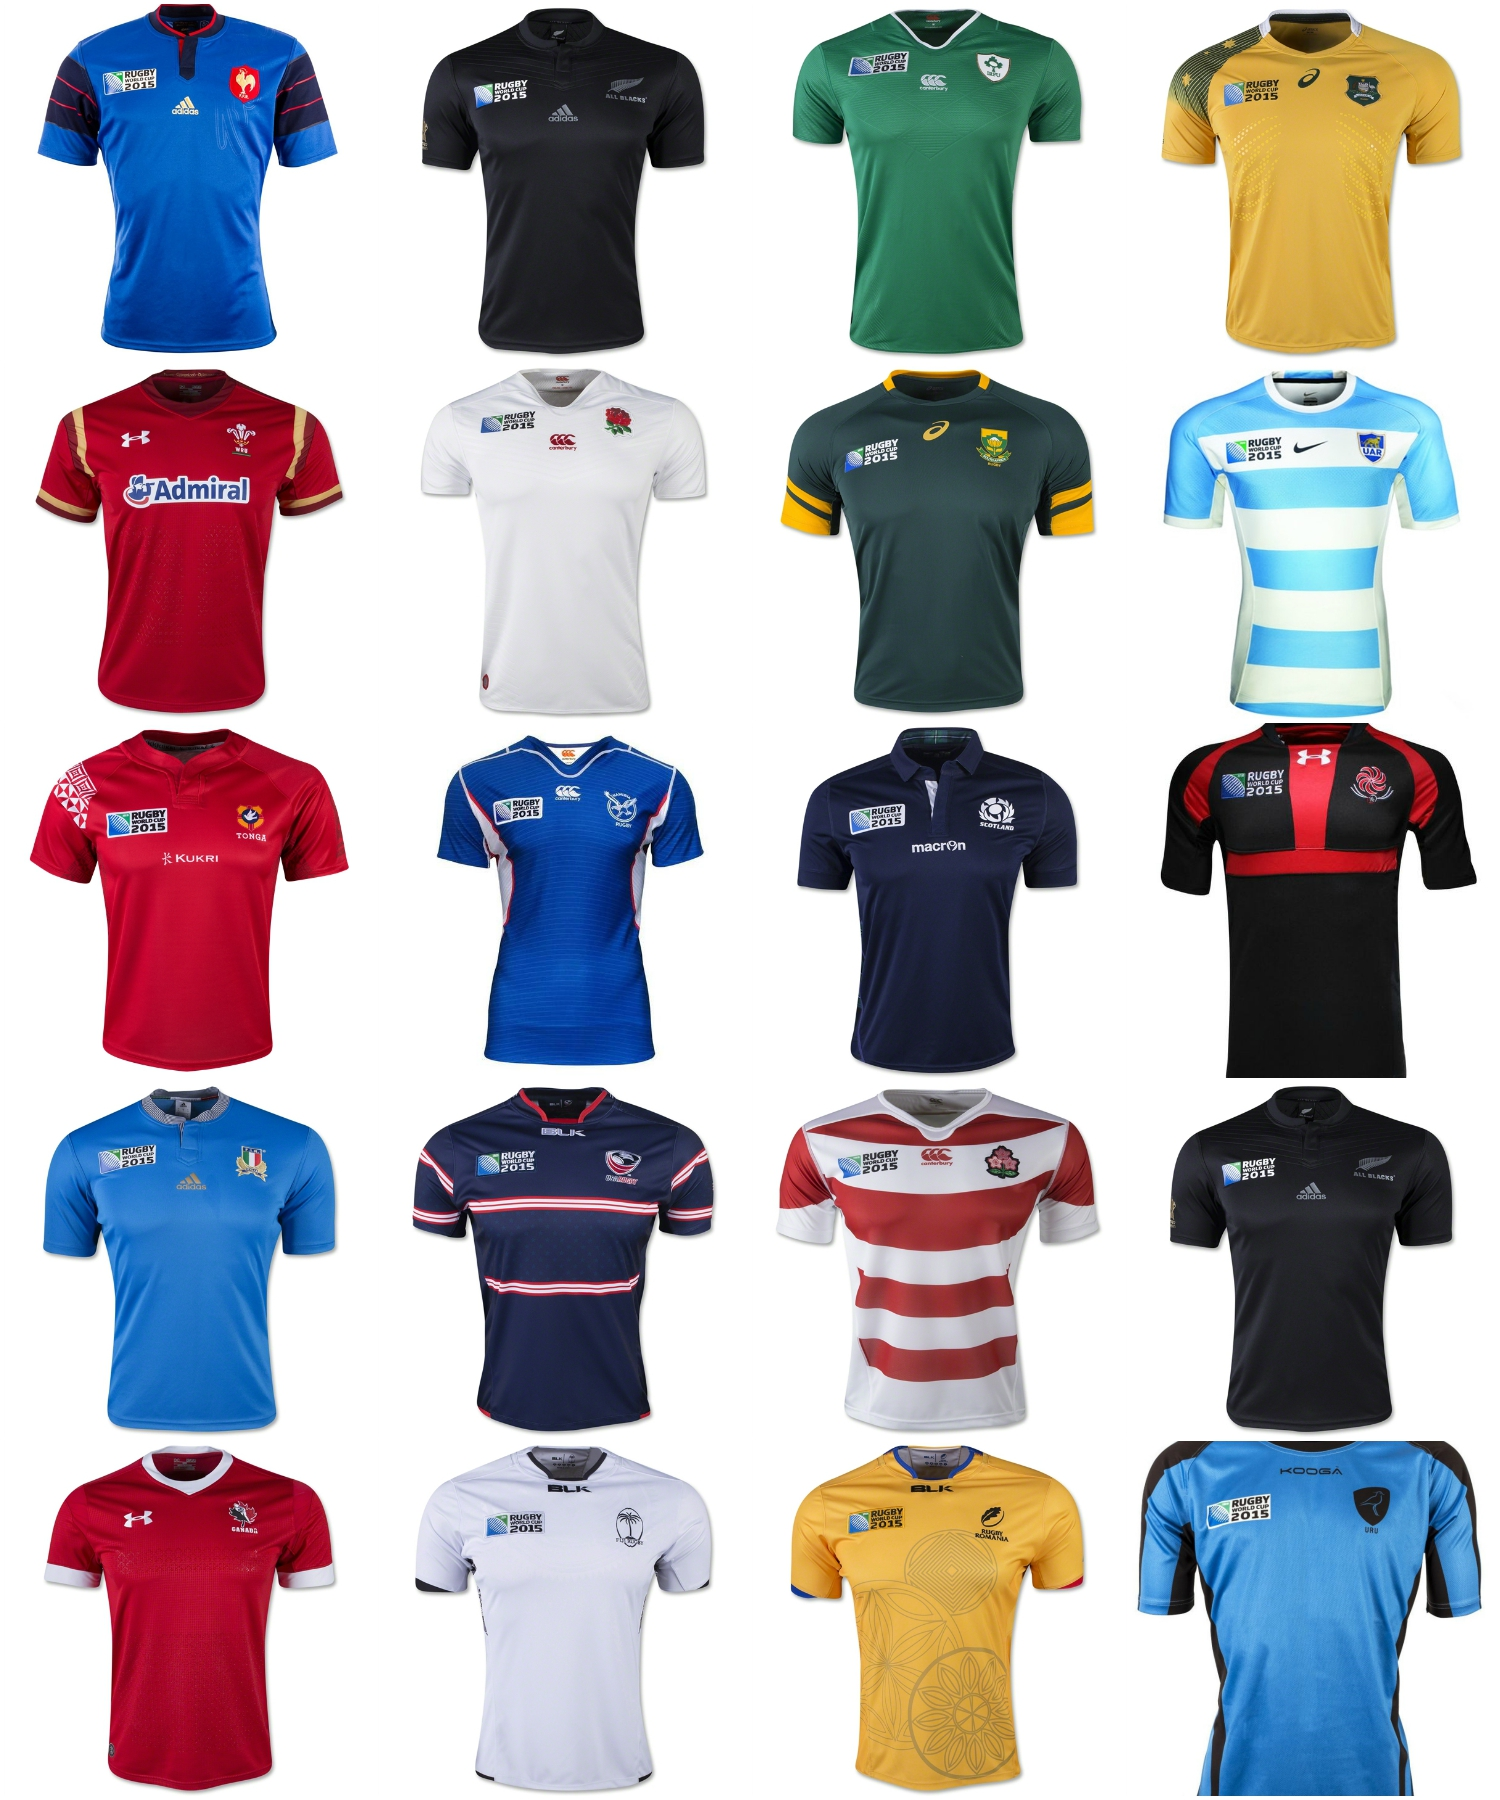 D couvrez les maillots des 20 quipes du mondial rugby - Resultats coupe du monde de rugby 2015 ...